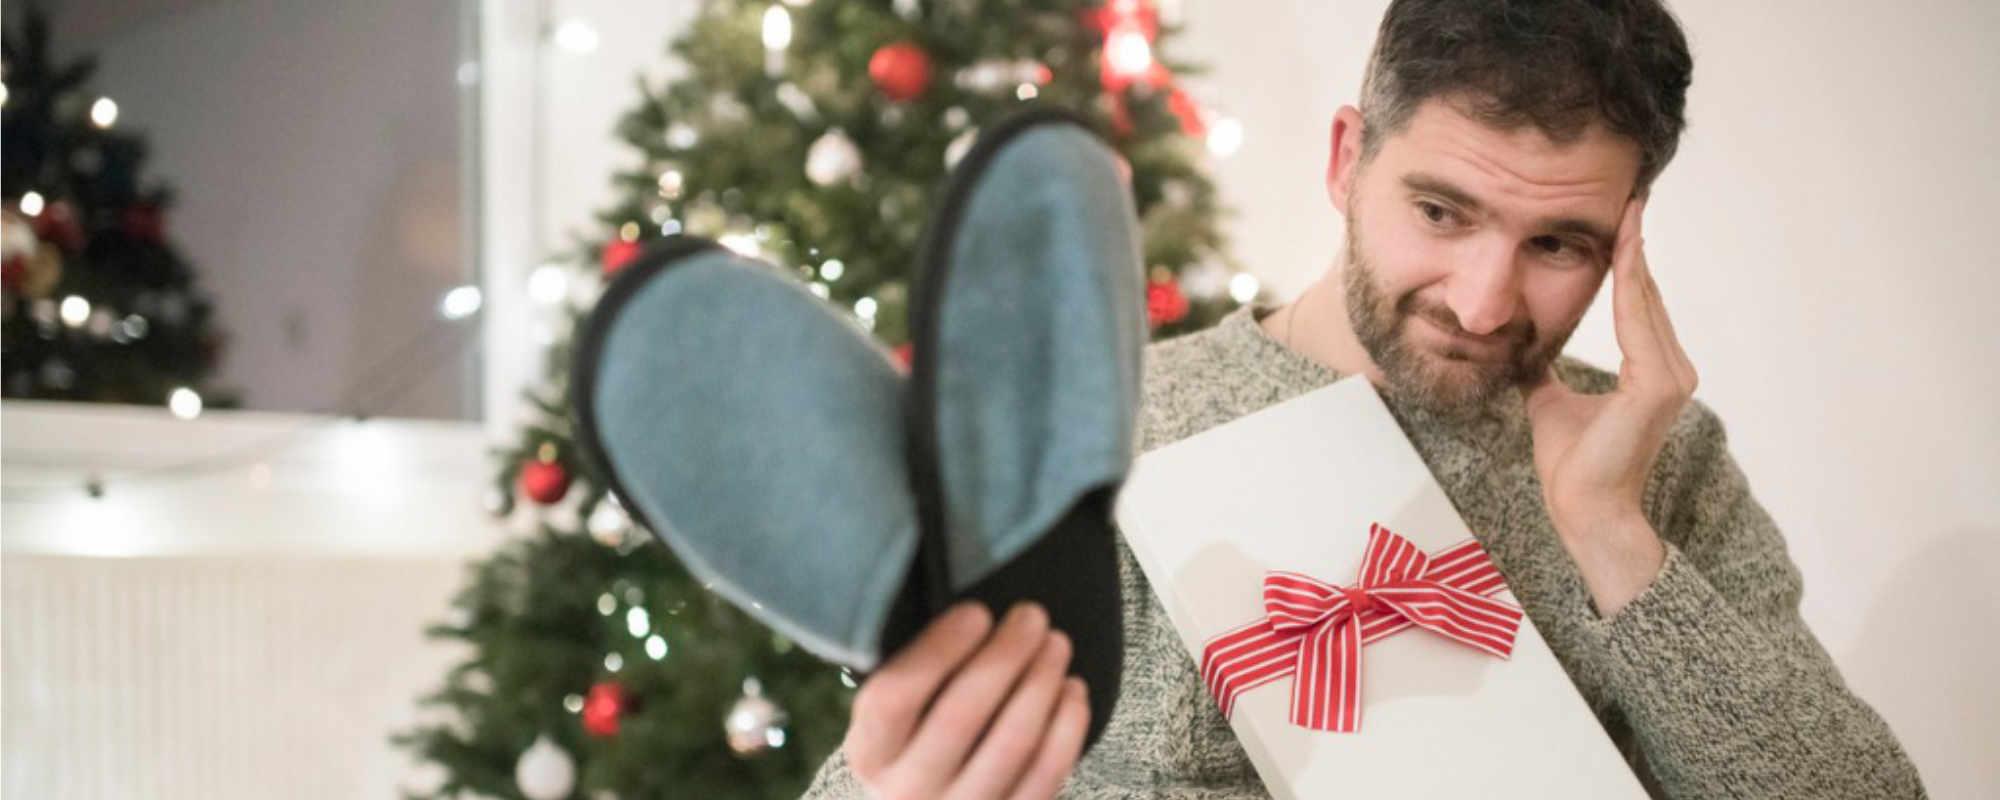 regalo original navidad